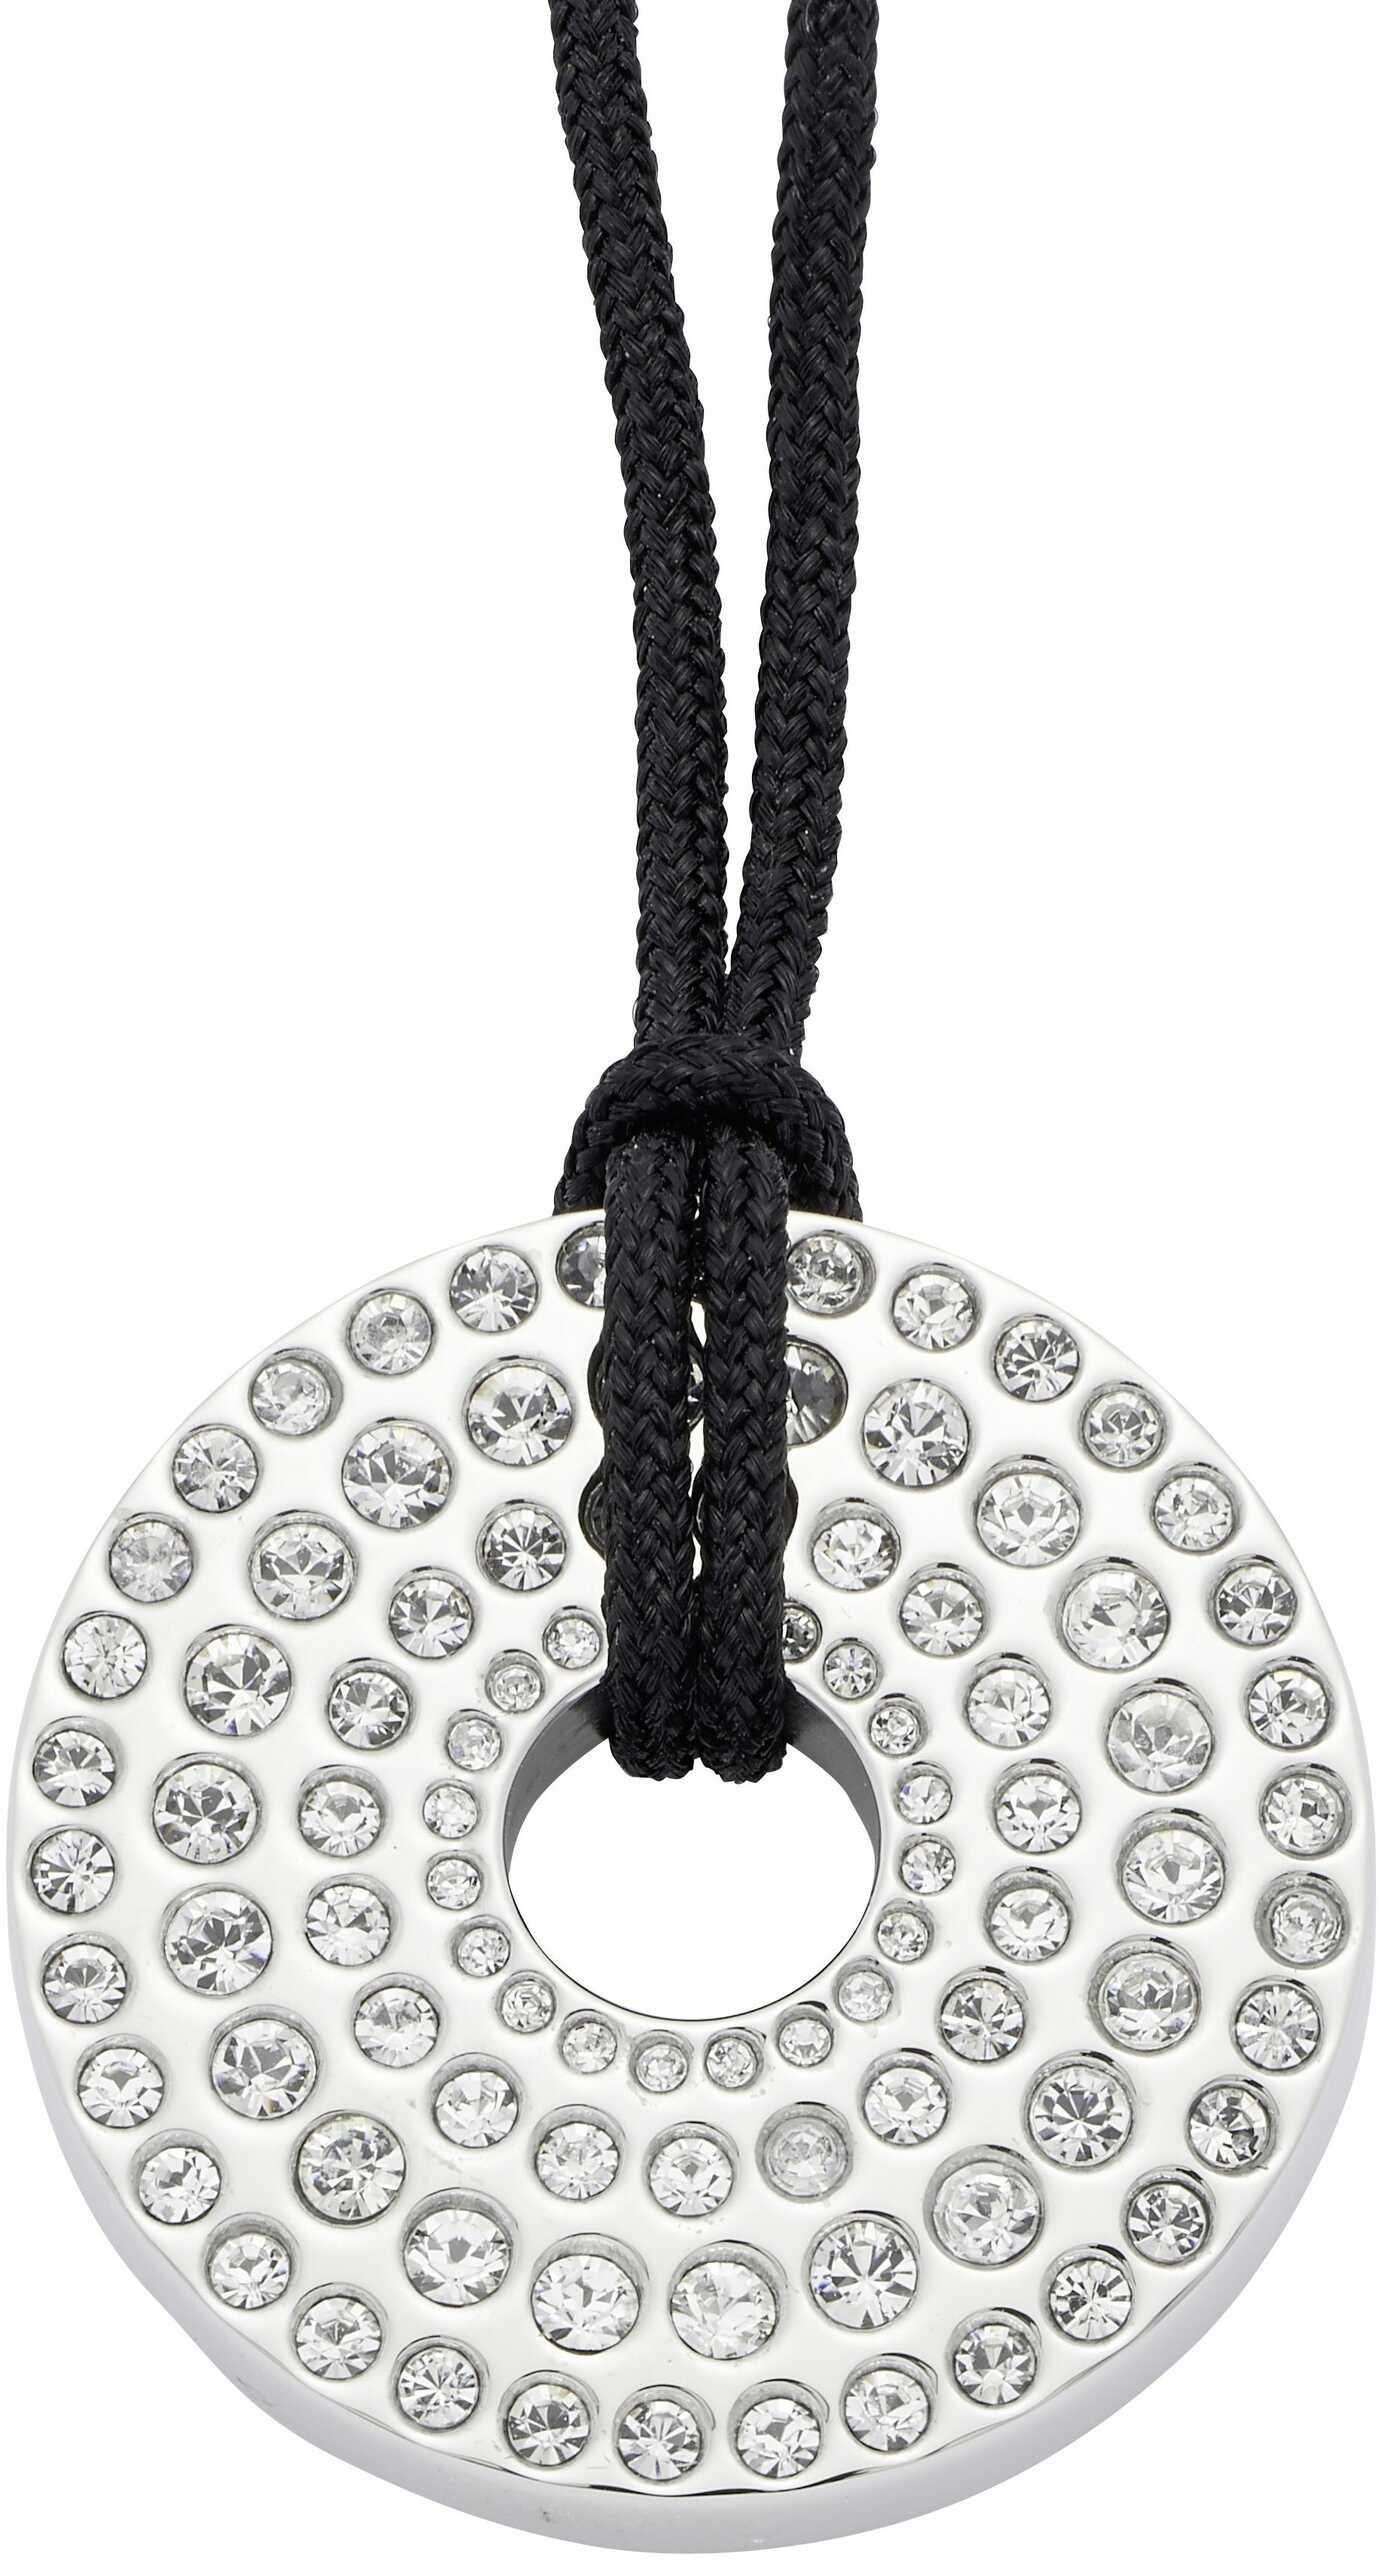 Wisiorek/naszyjnik magnetyczny 2783-1 na czarnym sznurku